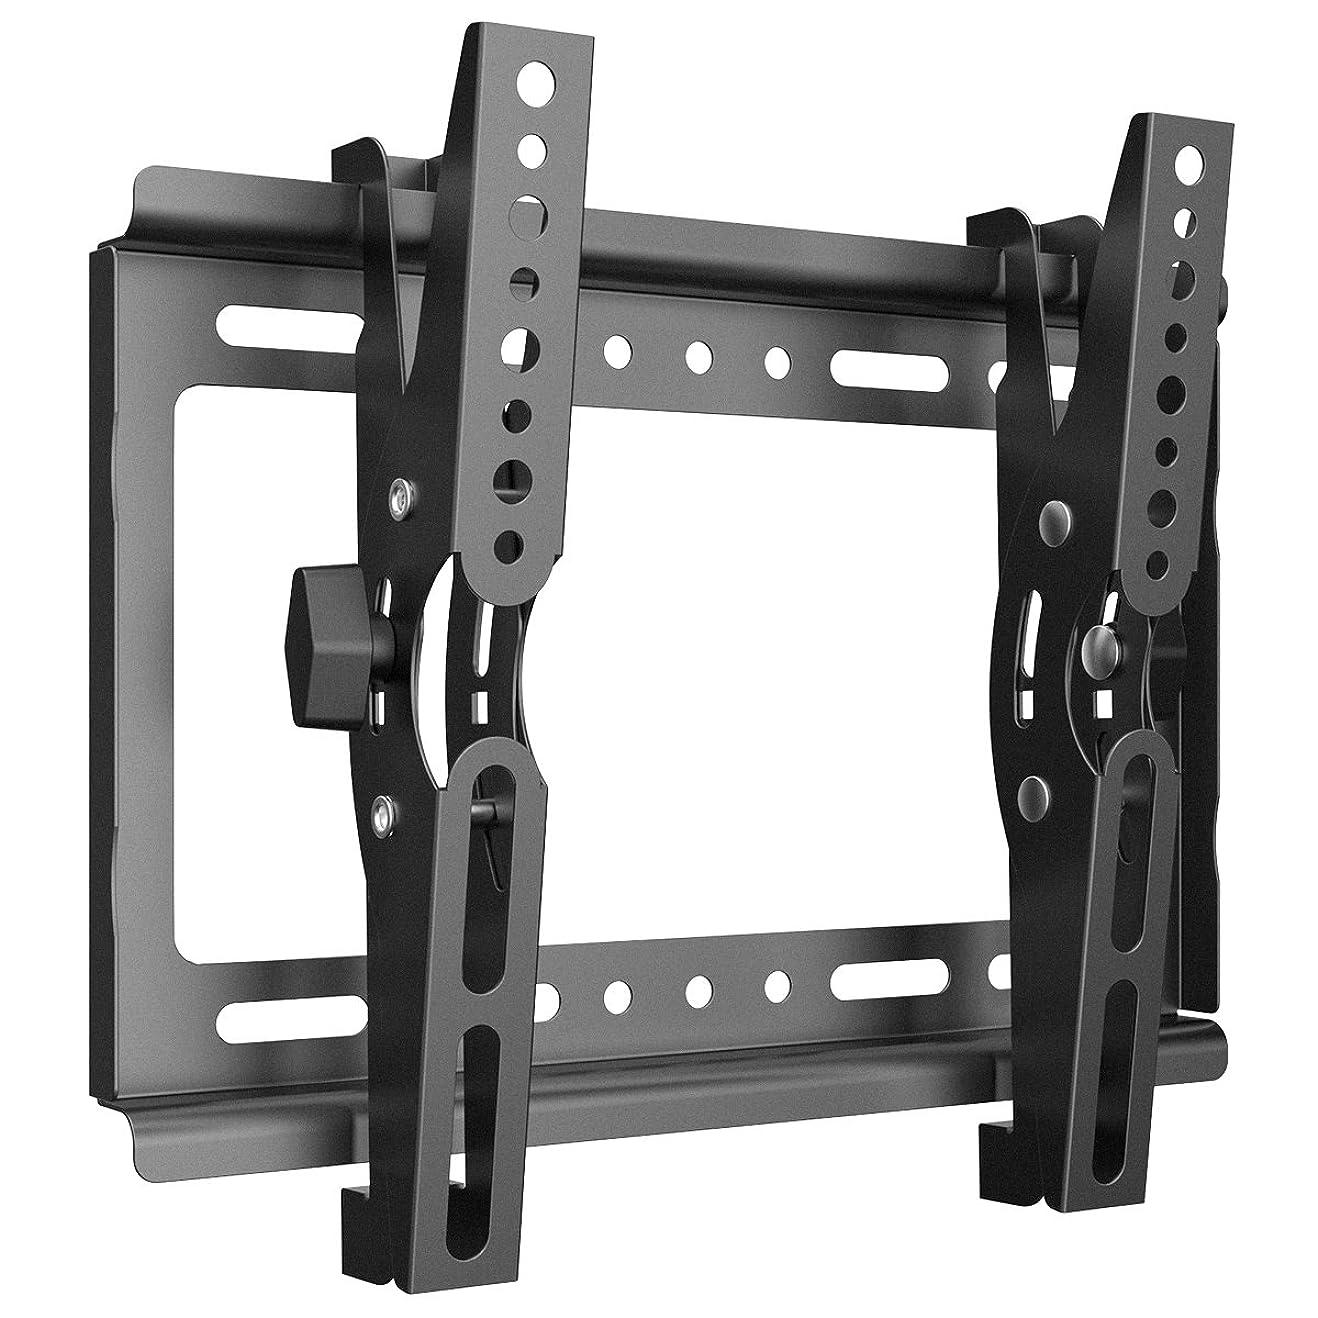 ドル遡る仕様テレビ 壁掛け 金具 Himino 高品質14~40インチ モニター LCD LED液晶テレビ対応 上下調節式 VESA対応 最大250*210mm 耐荷重25kg(ネジ付属)